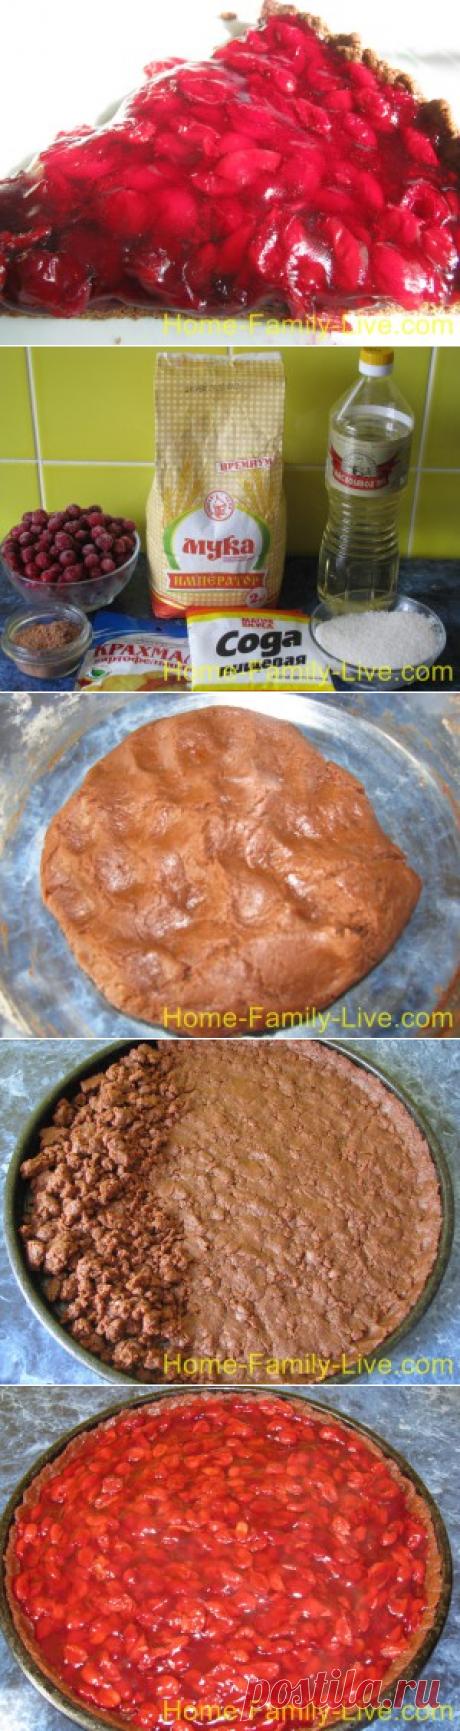 Вишневый пирог - пошаговый фоторецепт - постное блюдоКулинарные рецепты